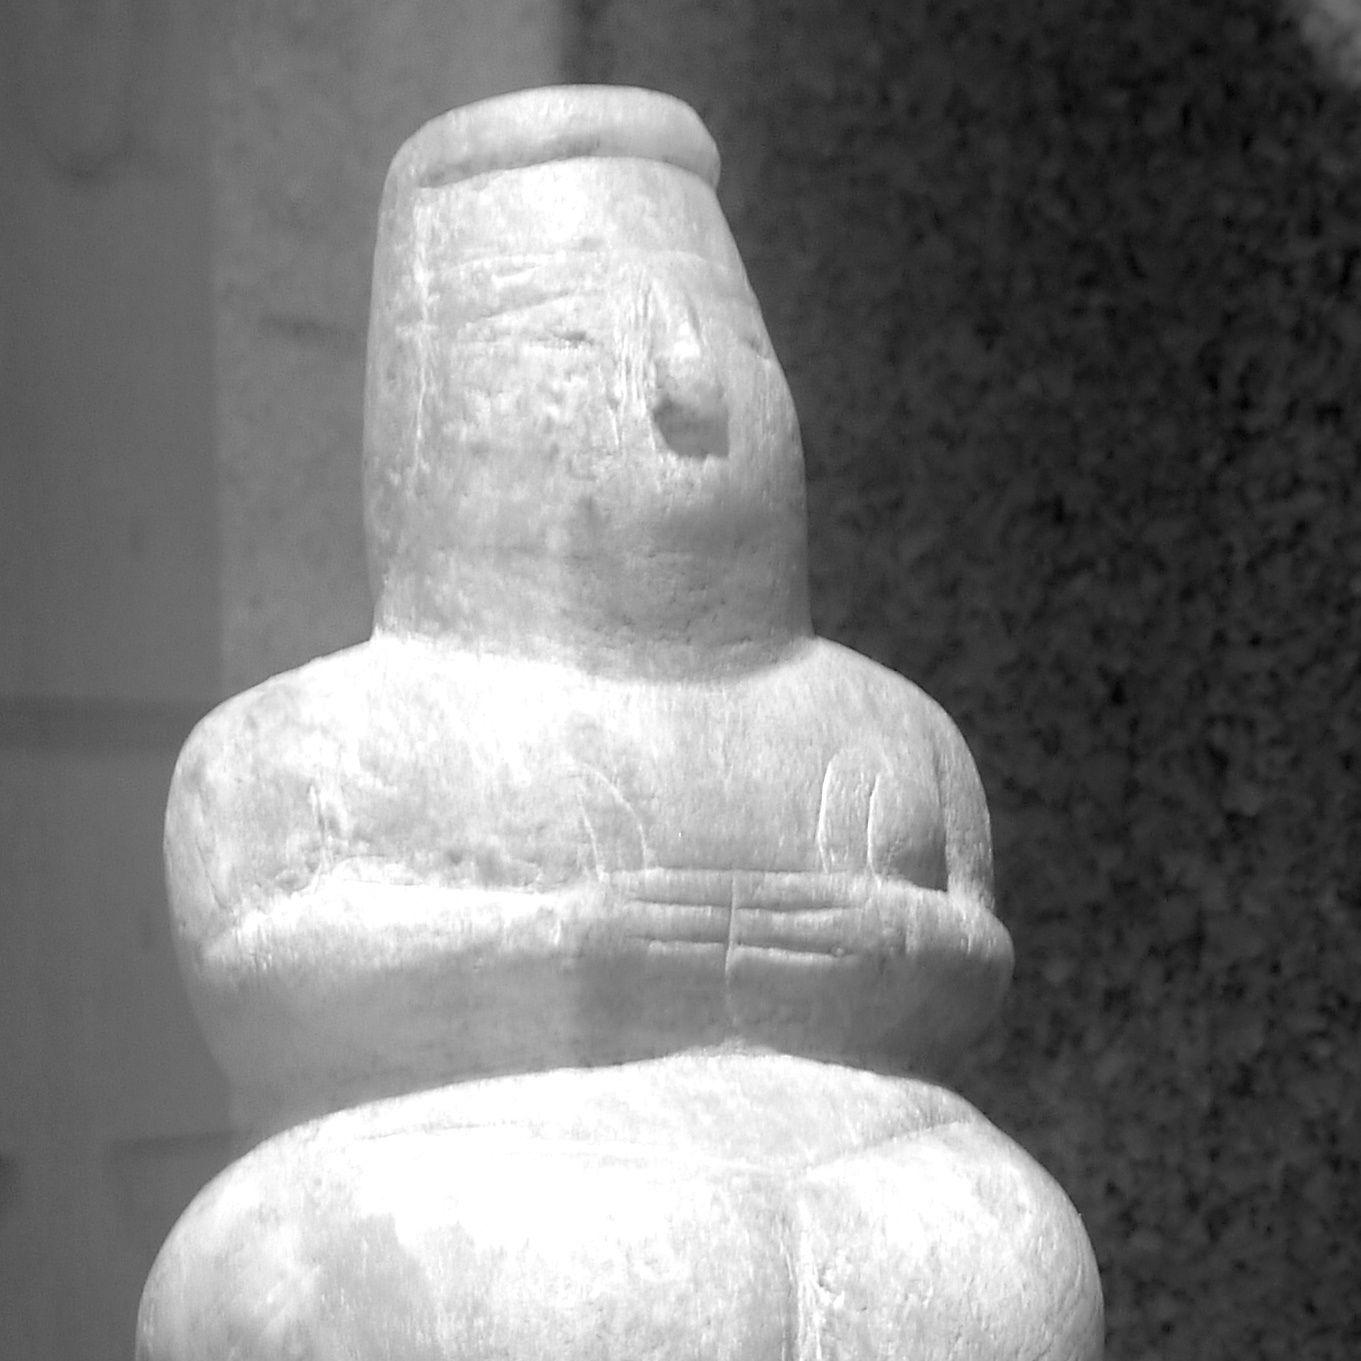 Mère Terre de Decimoputzu, loc. su Cungiau de Marcu,  civilisation Ozieri, période néolithique. Vous pouvez l'admirer, sereine, méditante depuis des millénaires, au musée archéologique national de Cagliari, Sicile.